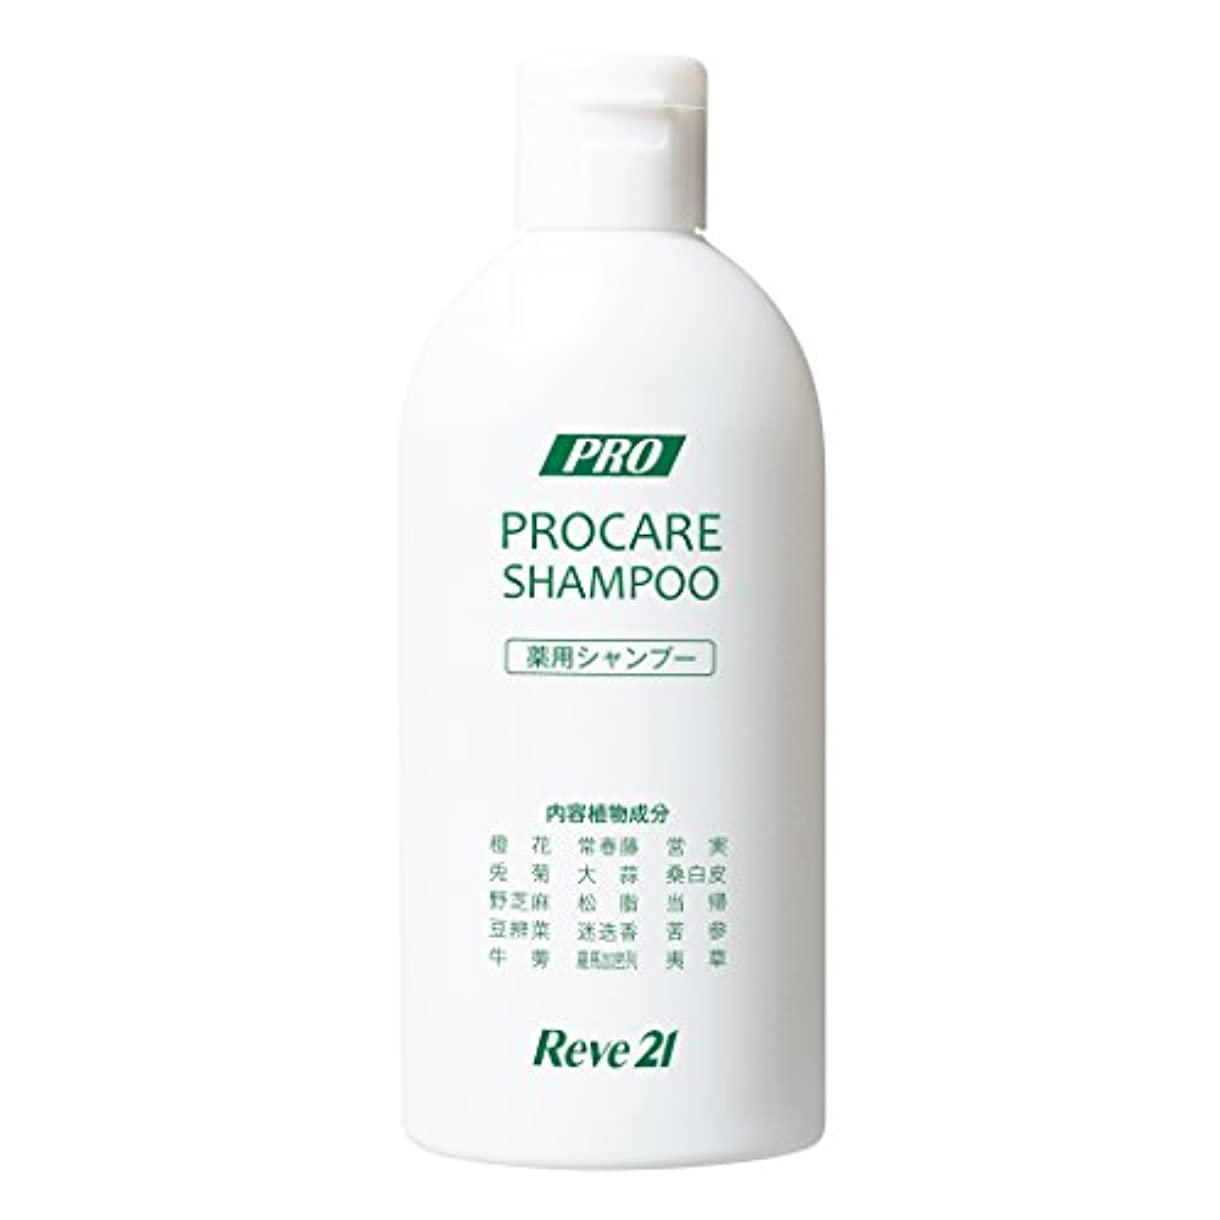 感心するイヤホン酸度リーブ21 薬用プロケアシャンプー 200ml[医薬部外品] 育毛 発毛 育毛シャンプー